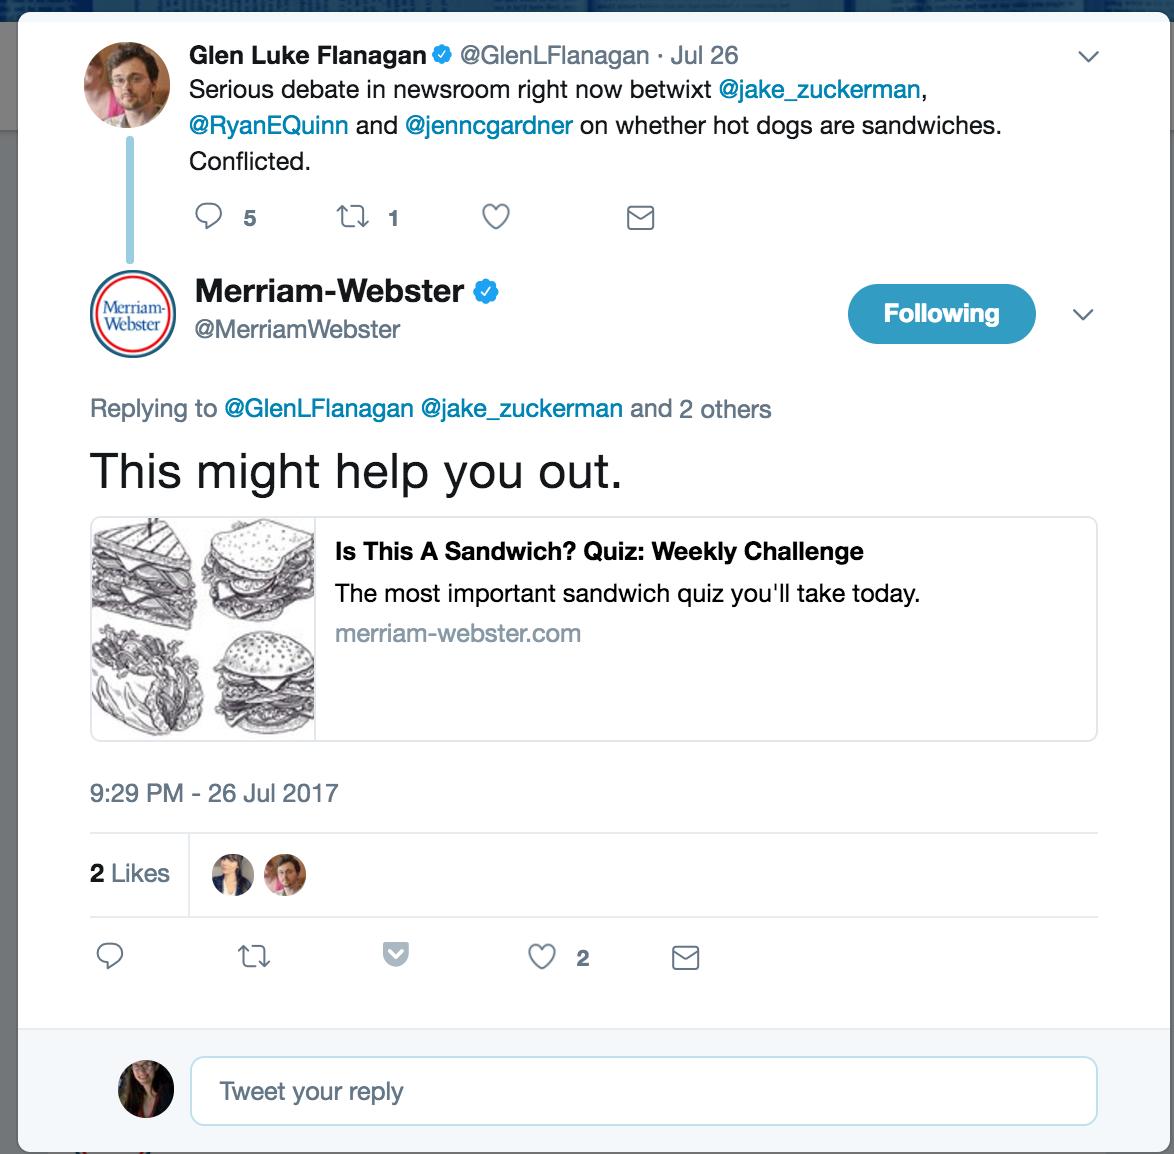 merrian webster social listening